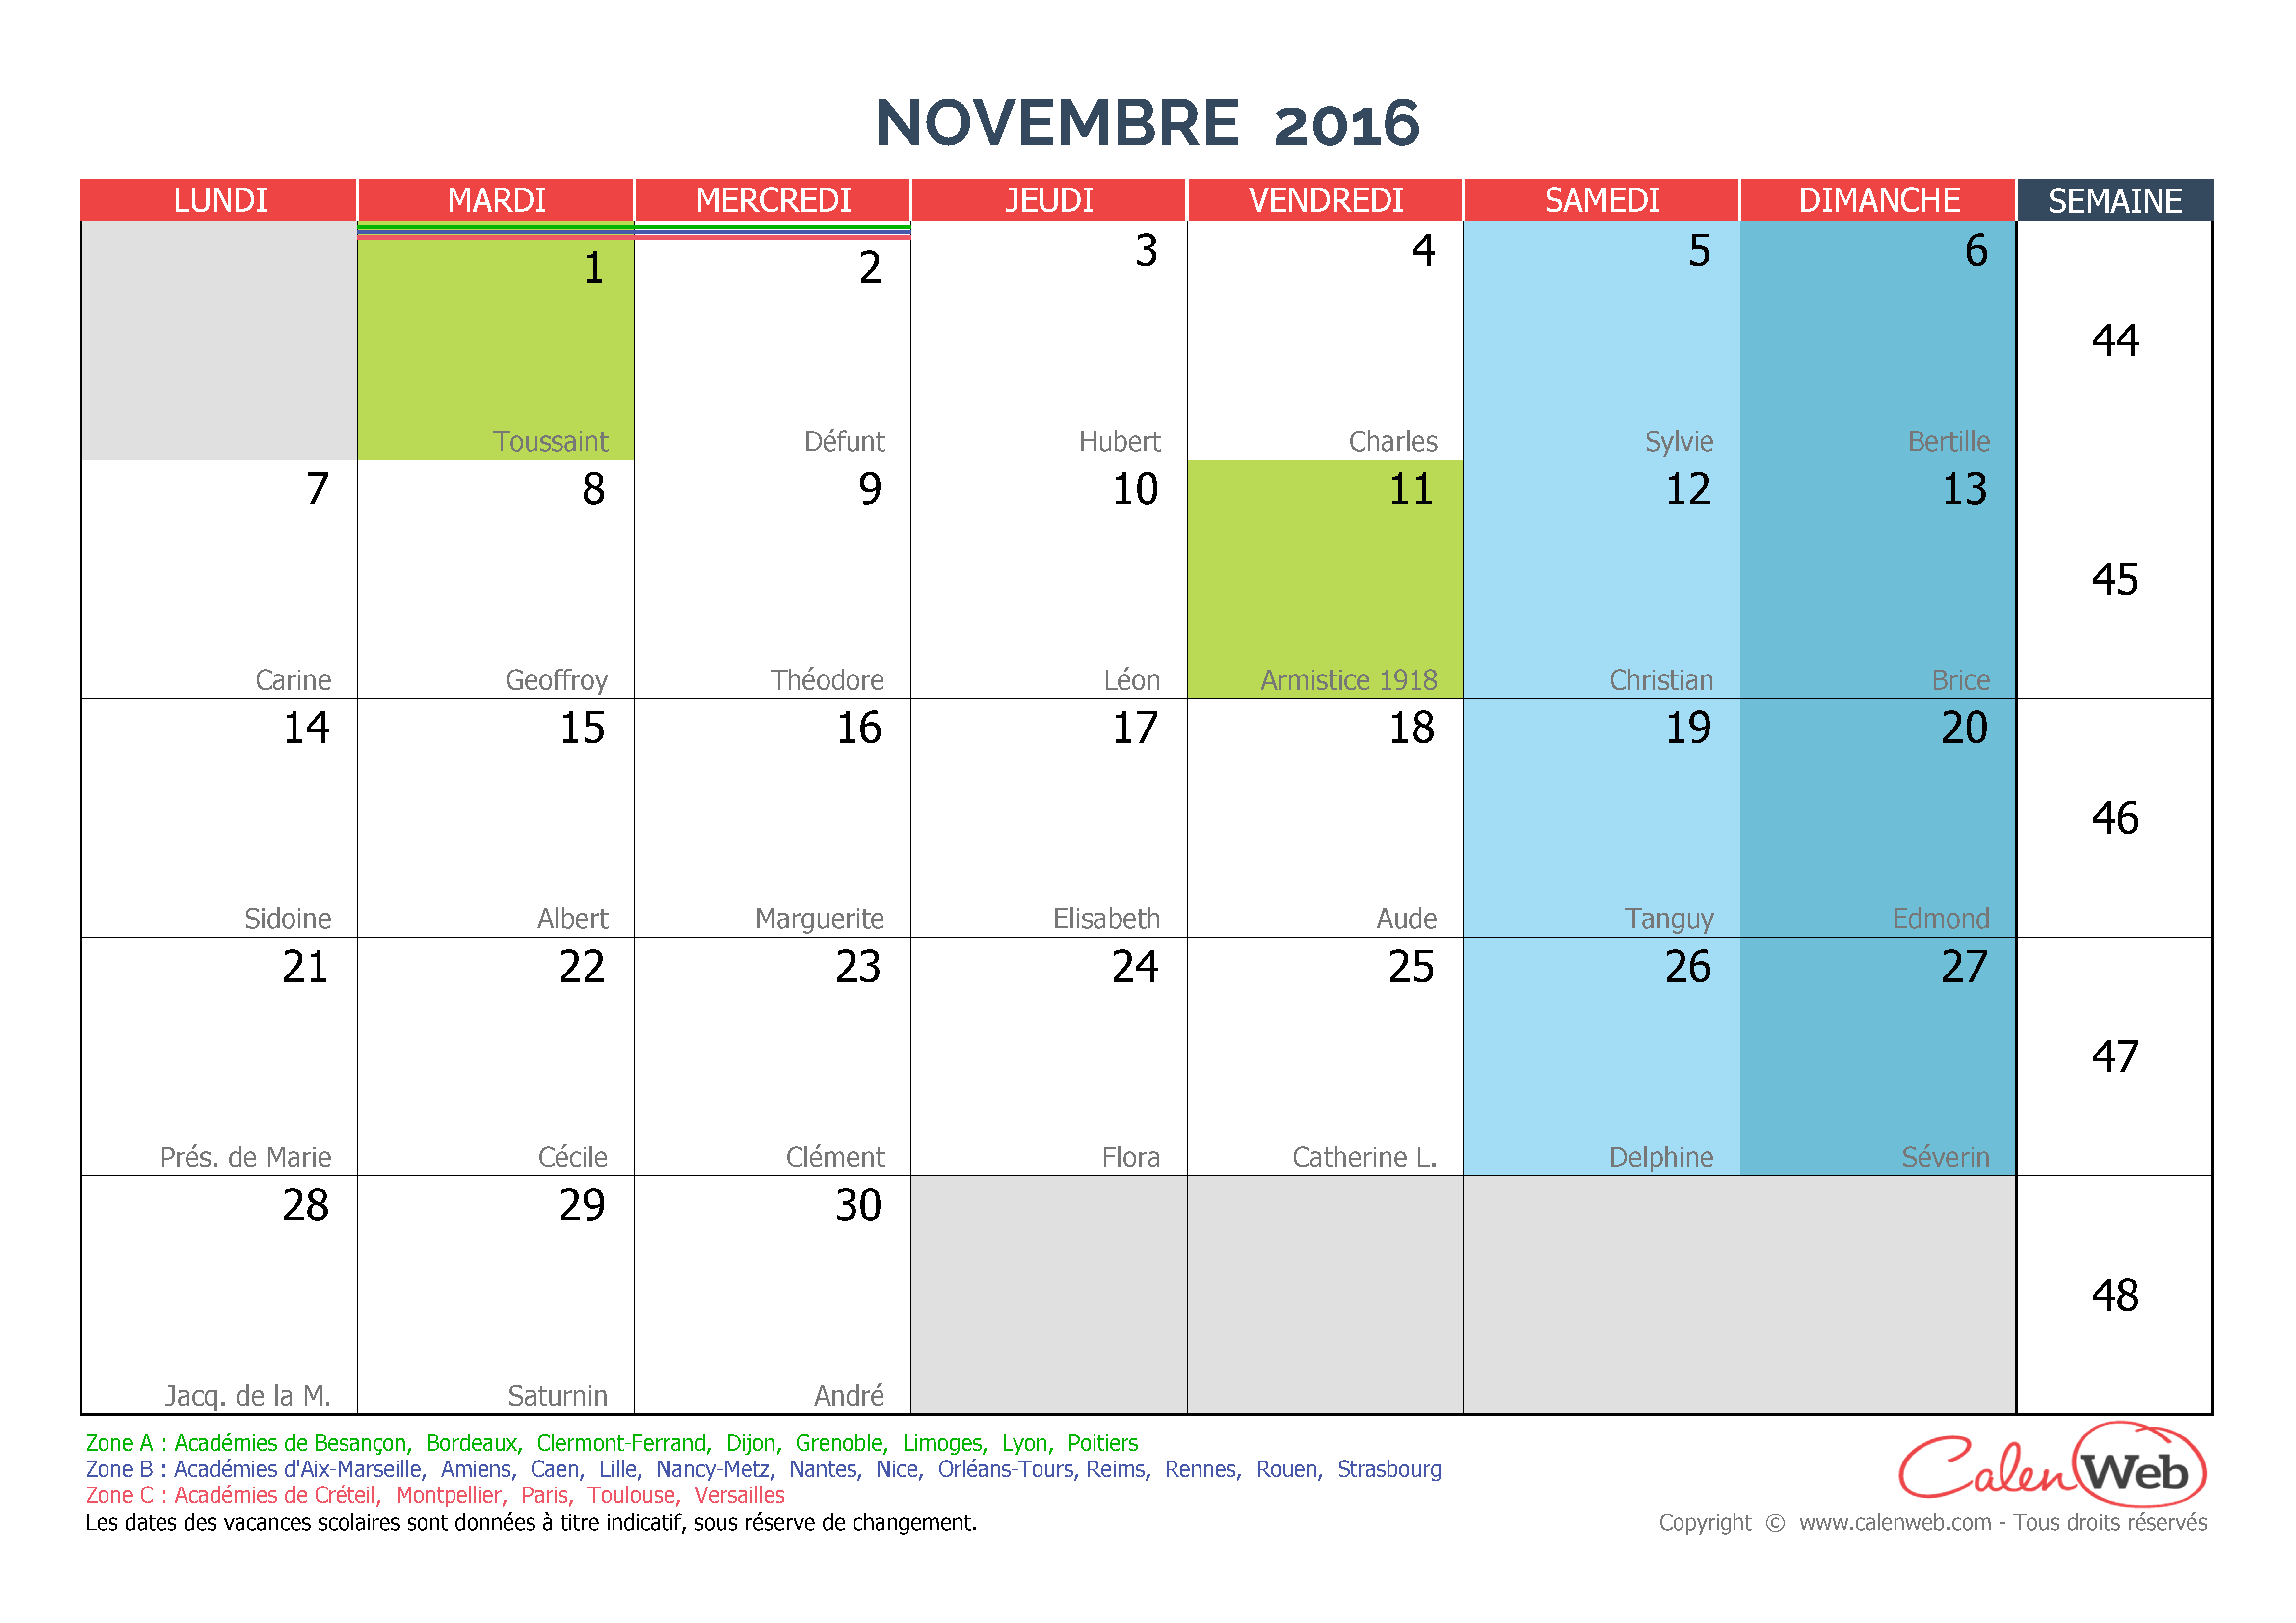 calendrier vacances novembre